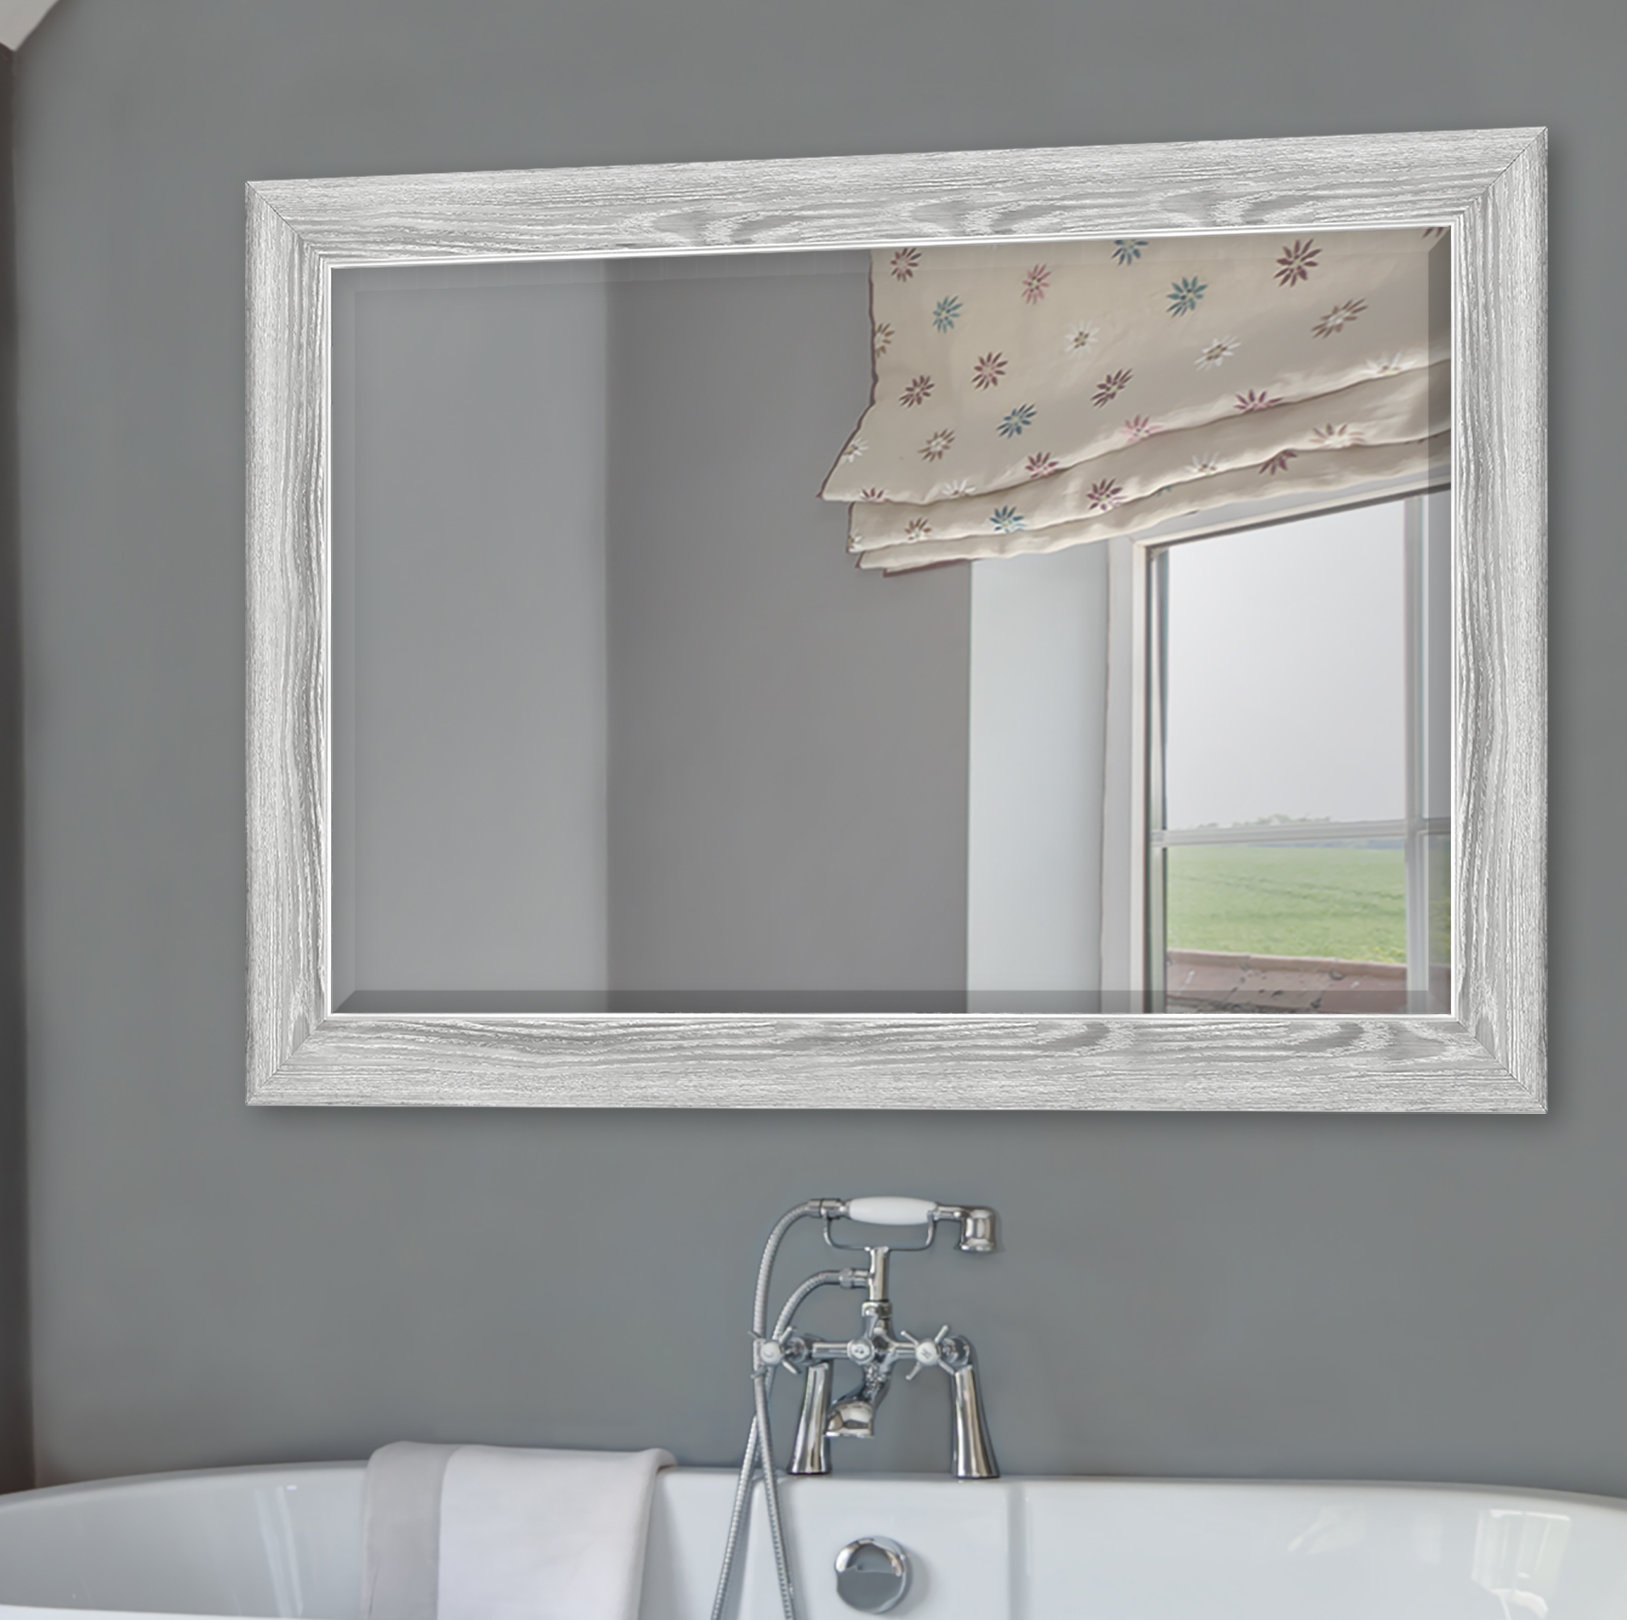 Elegant Bathroom Vanity Mirror | Wayfair In Mexborough Bathroom/vanity Mirrors (Image 5 of 20)